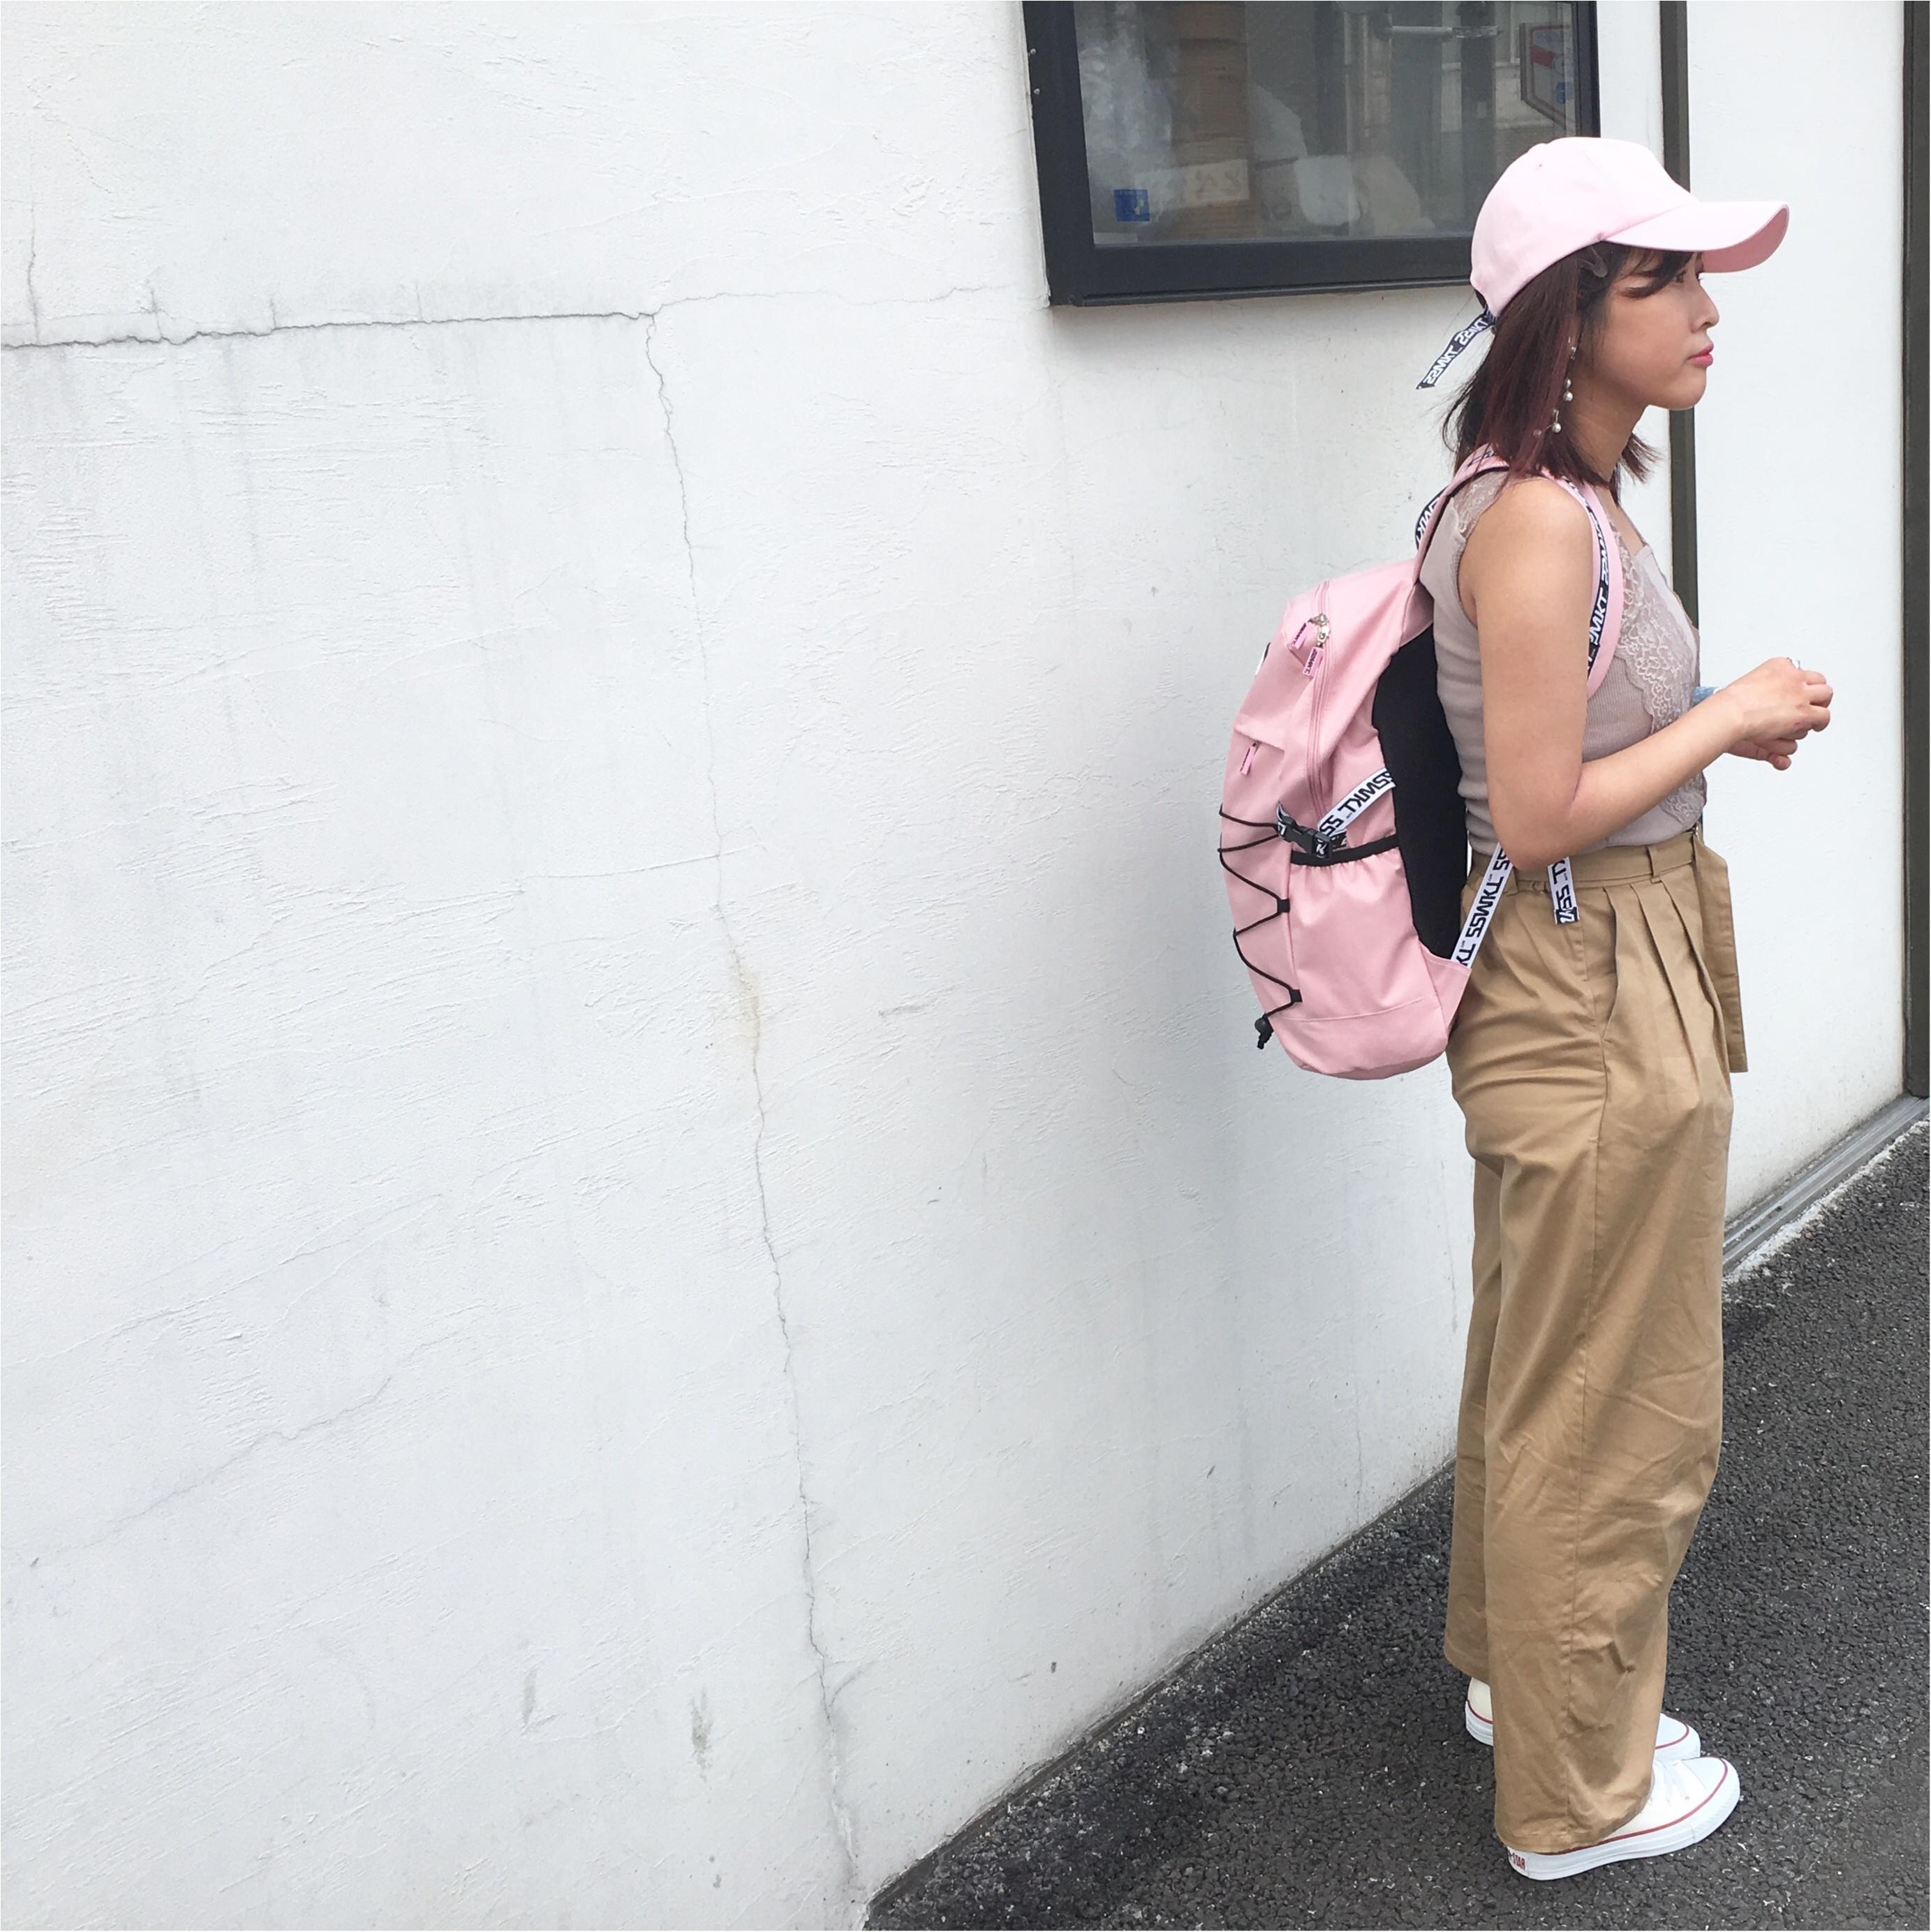 【今週のコーデまとめ】夏休みスペシャル!甘めカジュアル派の7days_2